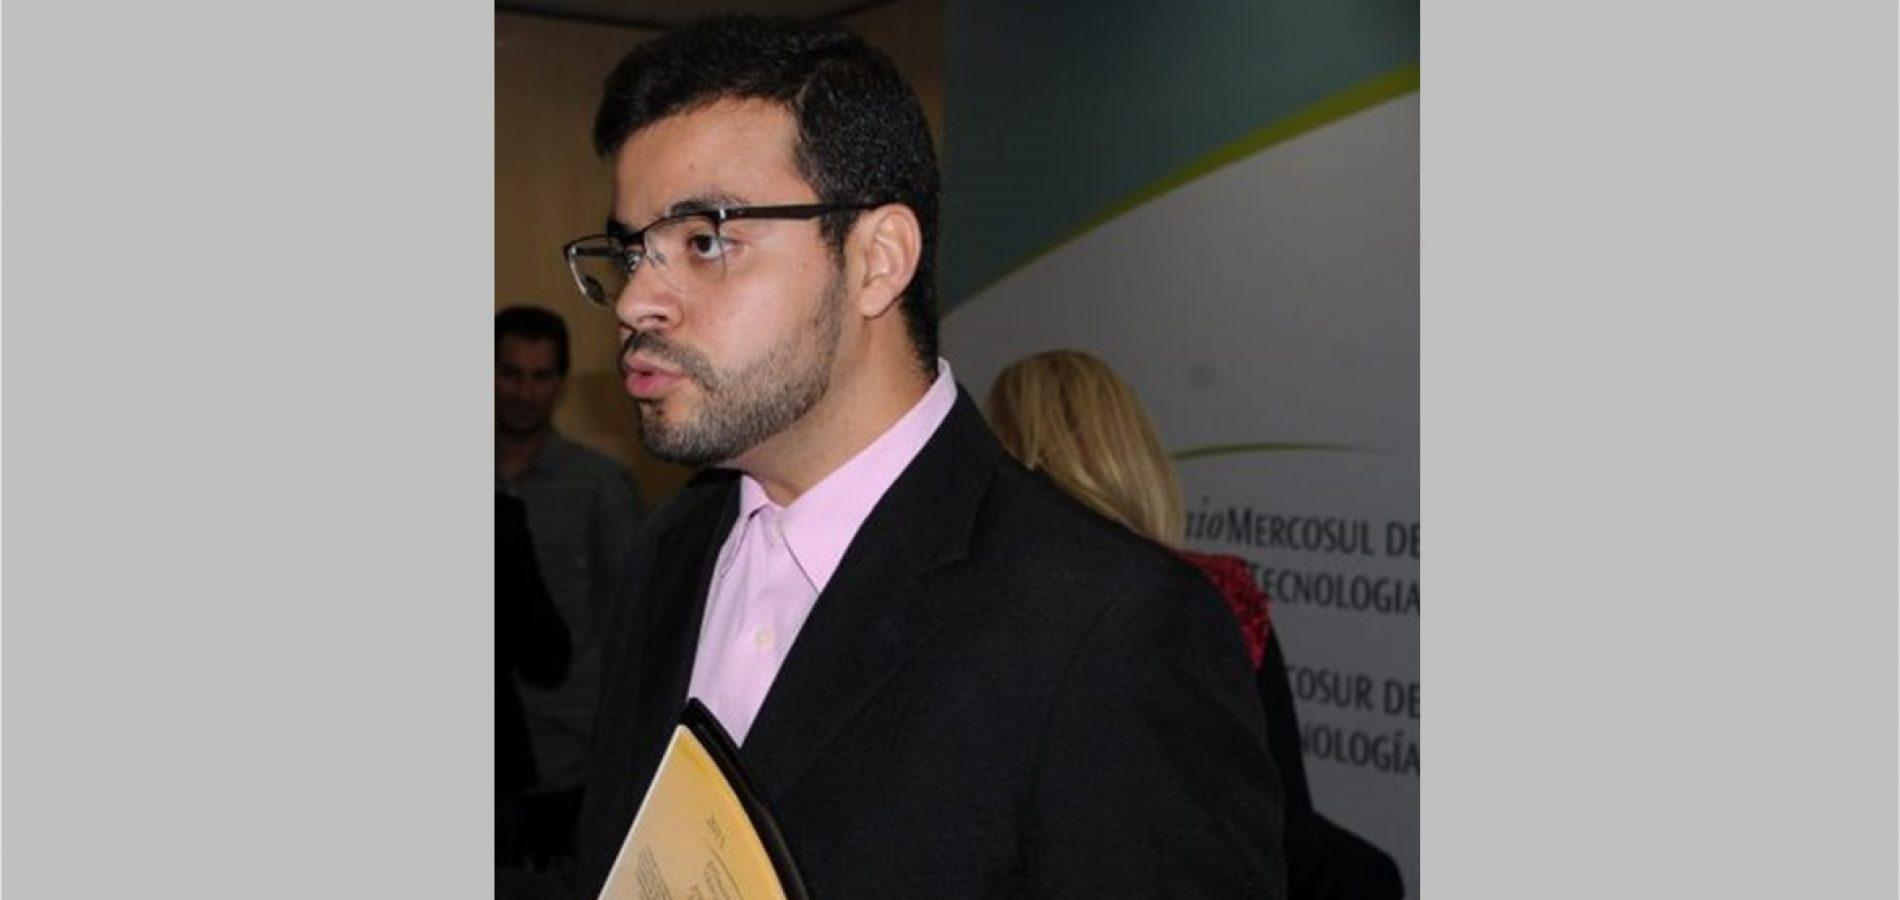 Filho de Caldeirão Grande do Piauí é vencedor do Prêmio Mercosul de Ciência e Tecnologia